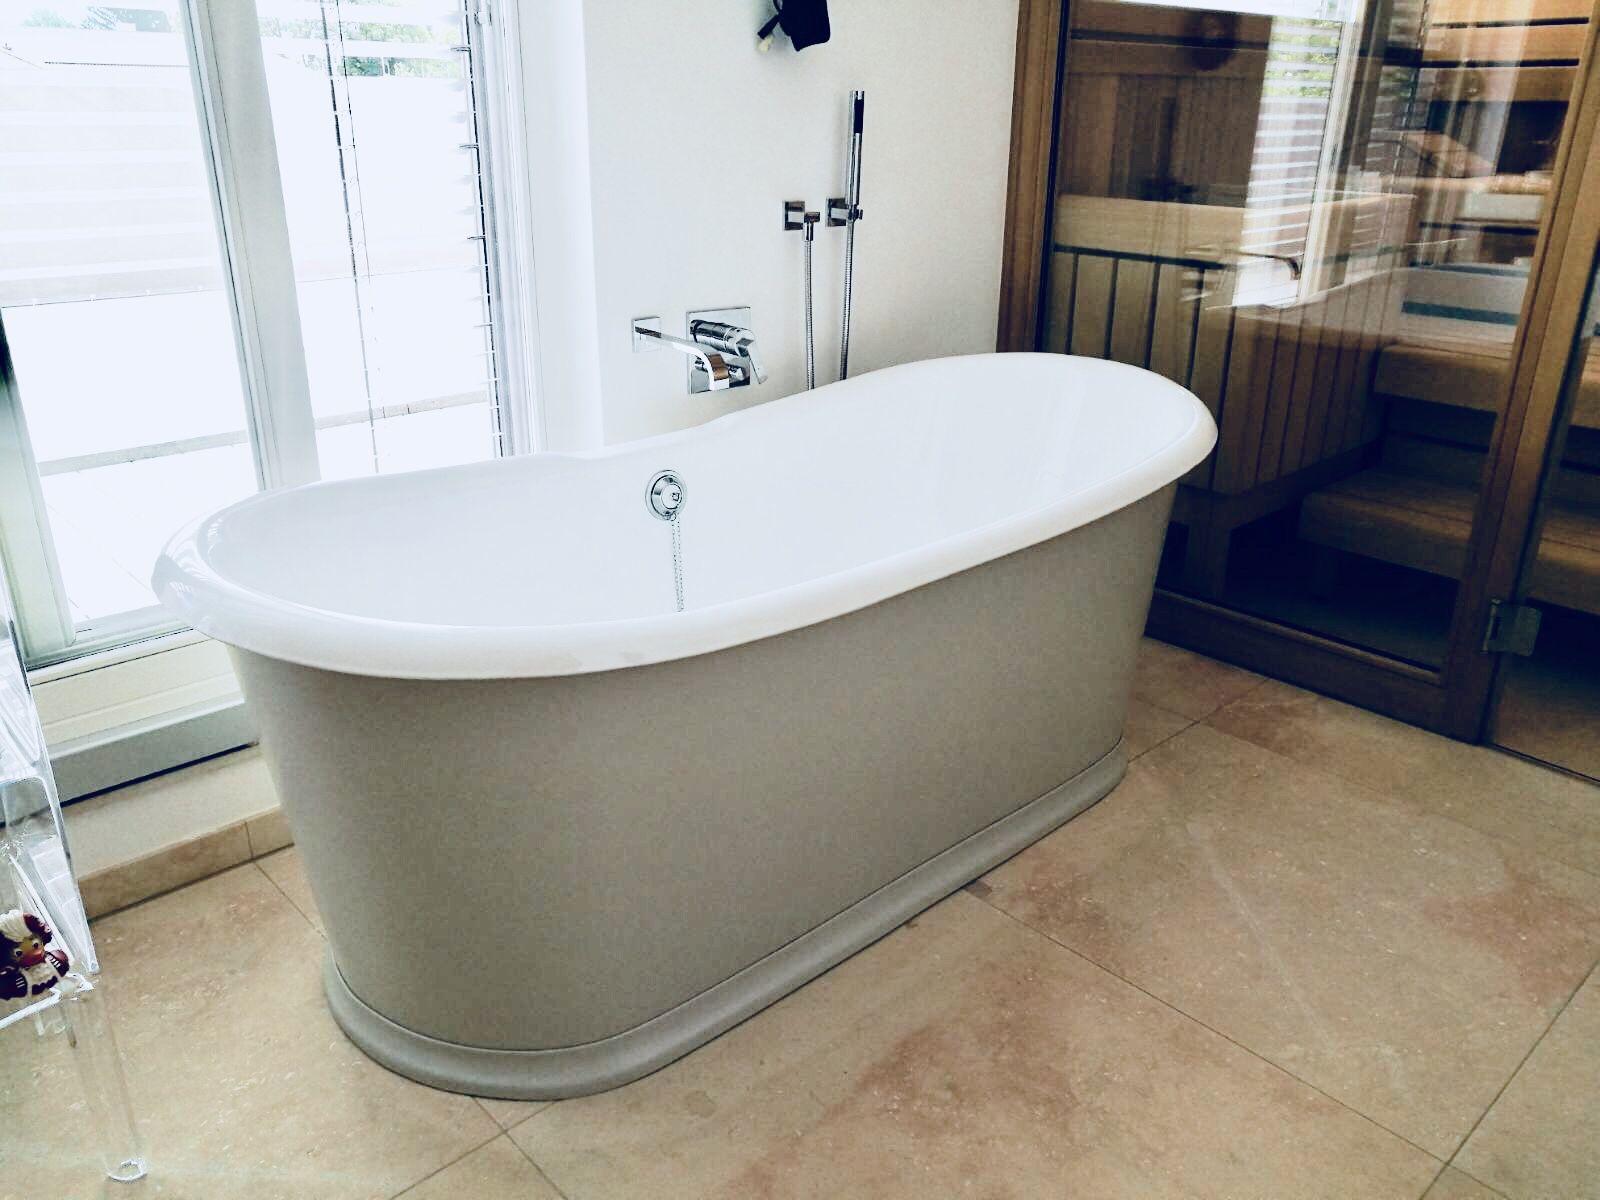 Tradirionelle Badewanne Moderne Armatur Badewanne Badezimmer Badewanne Ideen